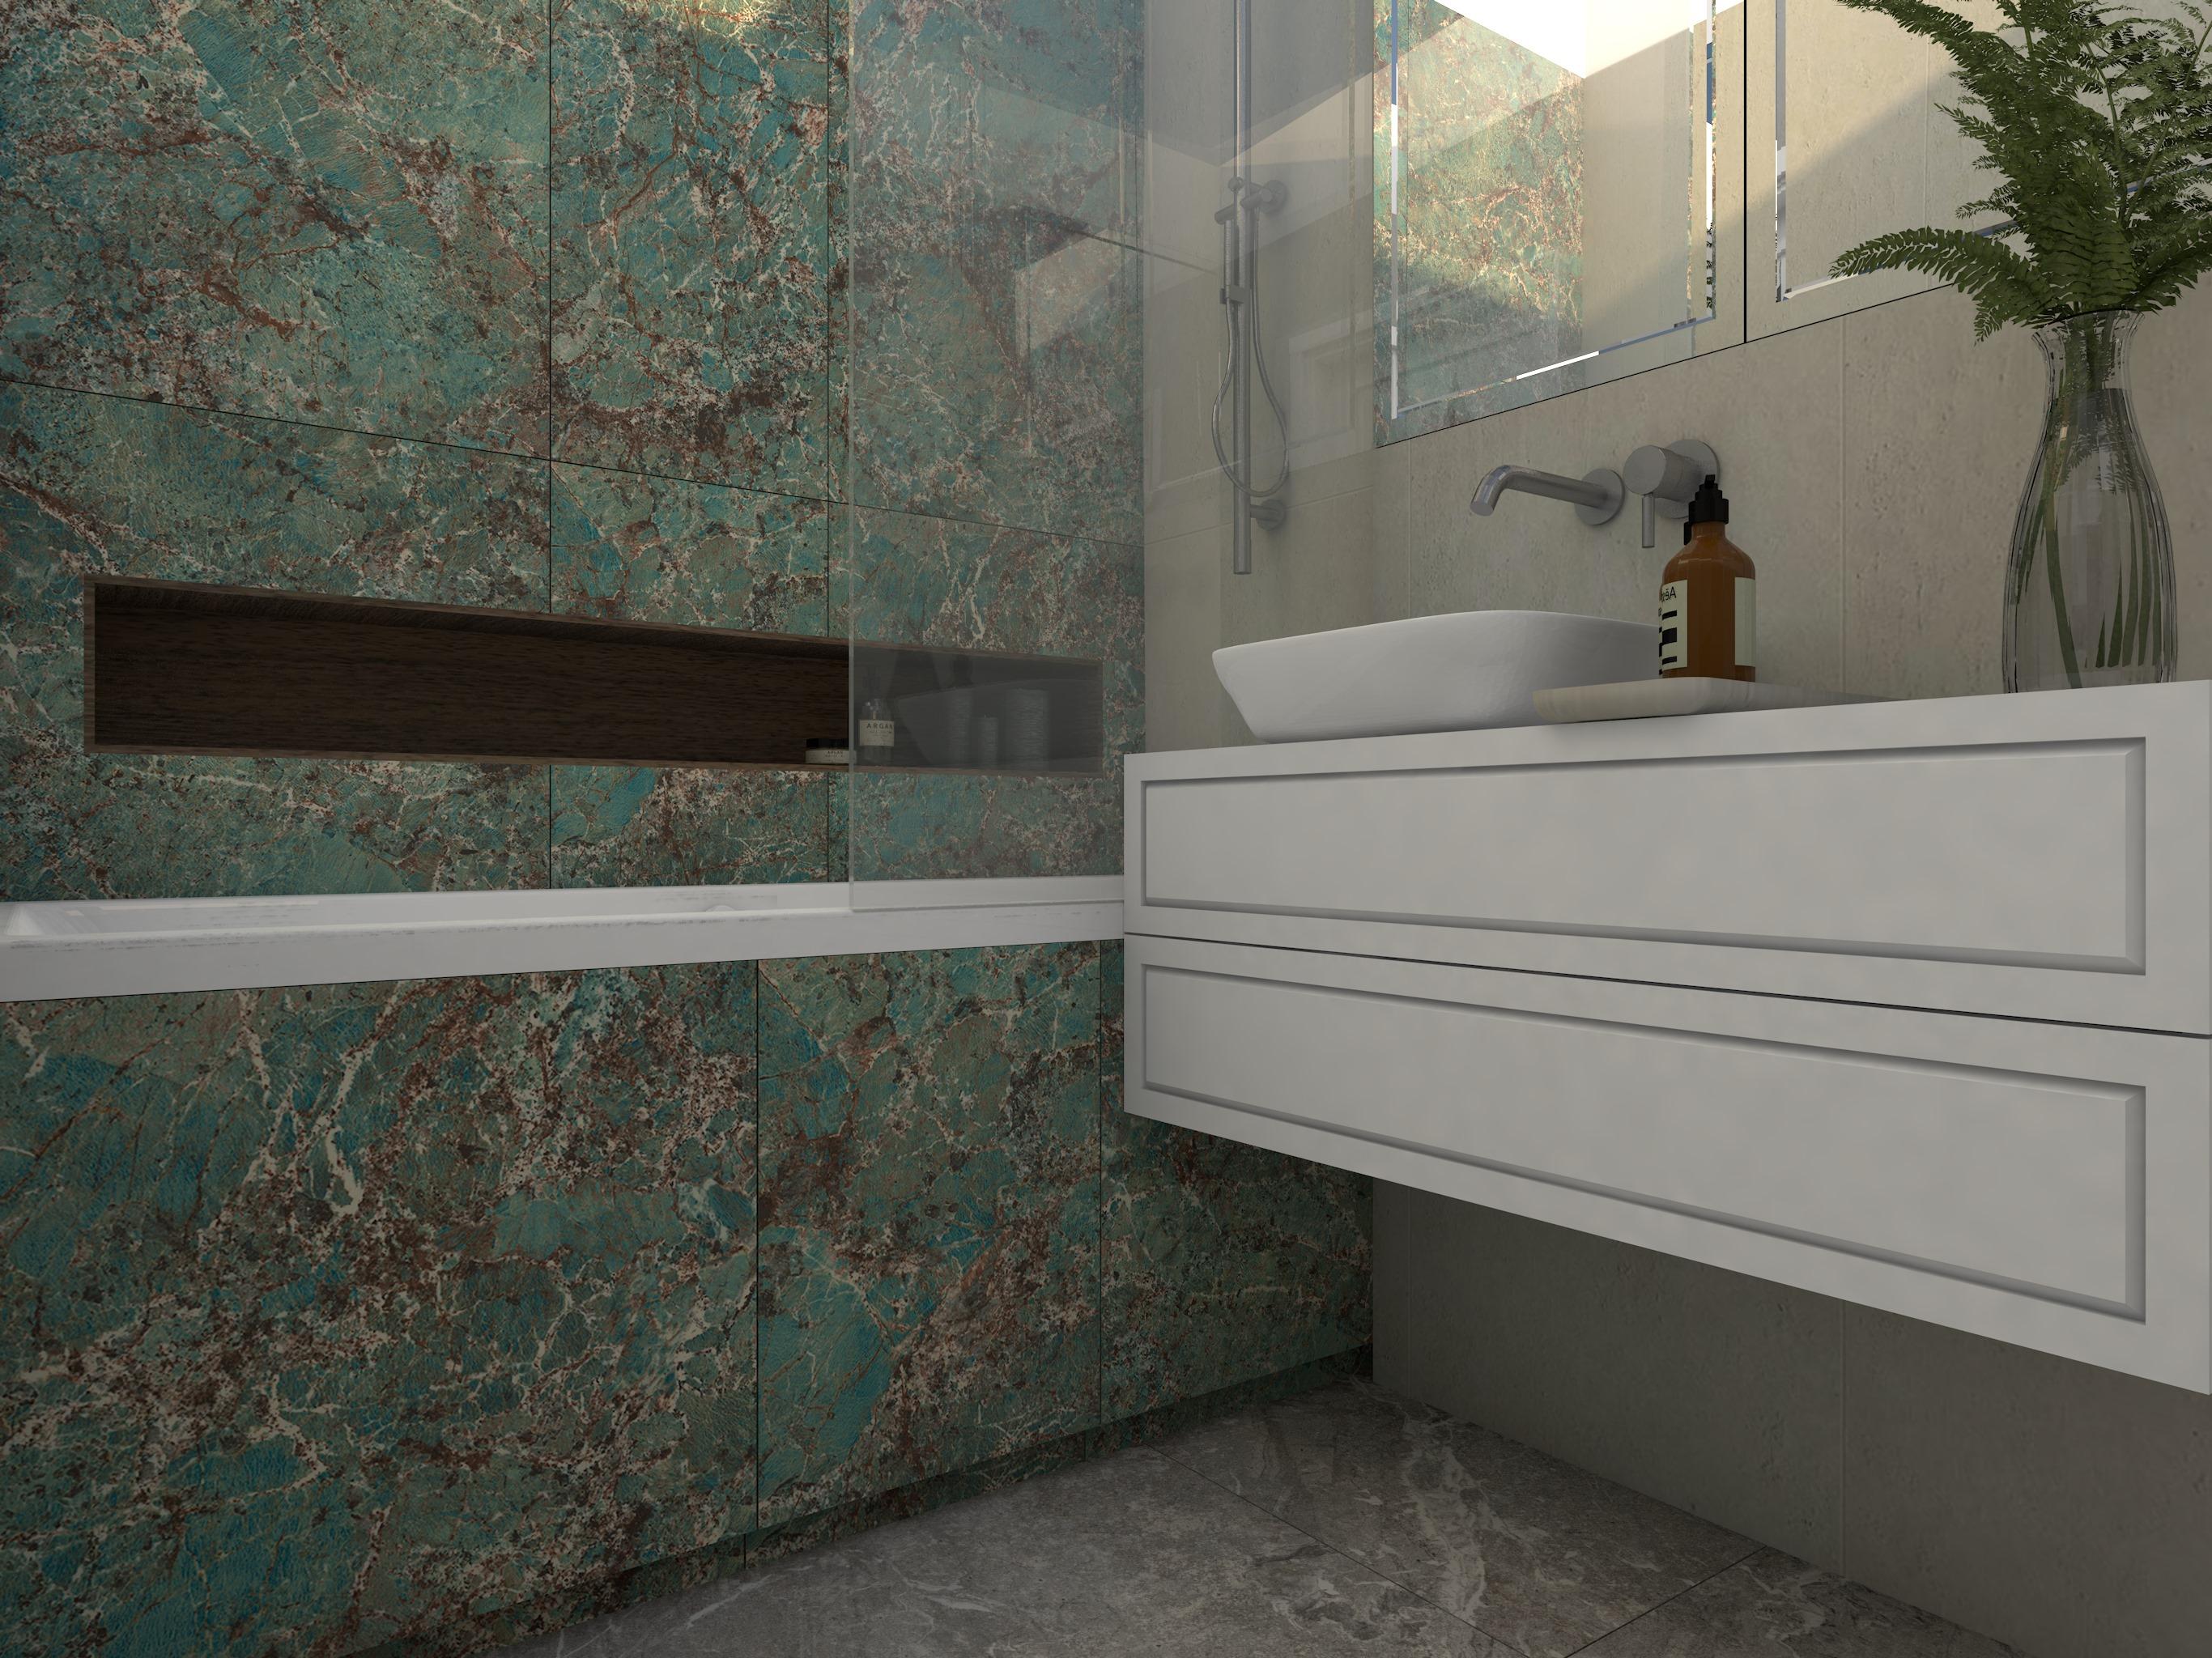 Projekt nowoczesnej łazienki z zielonymi płytkami i białymi elementami wyposażenia wnętrz